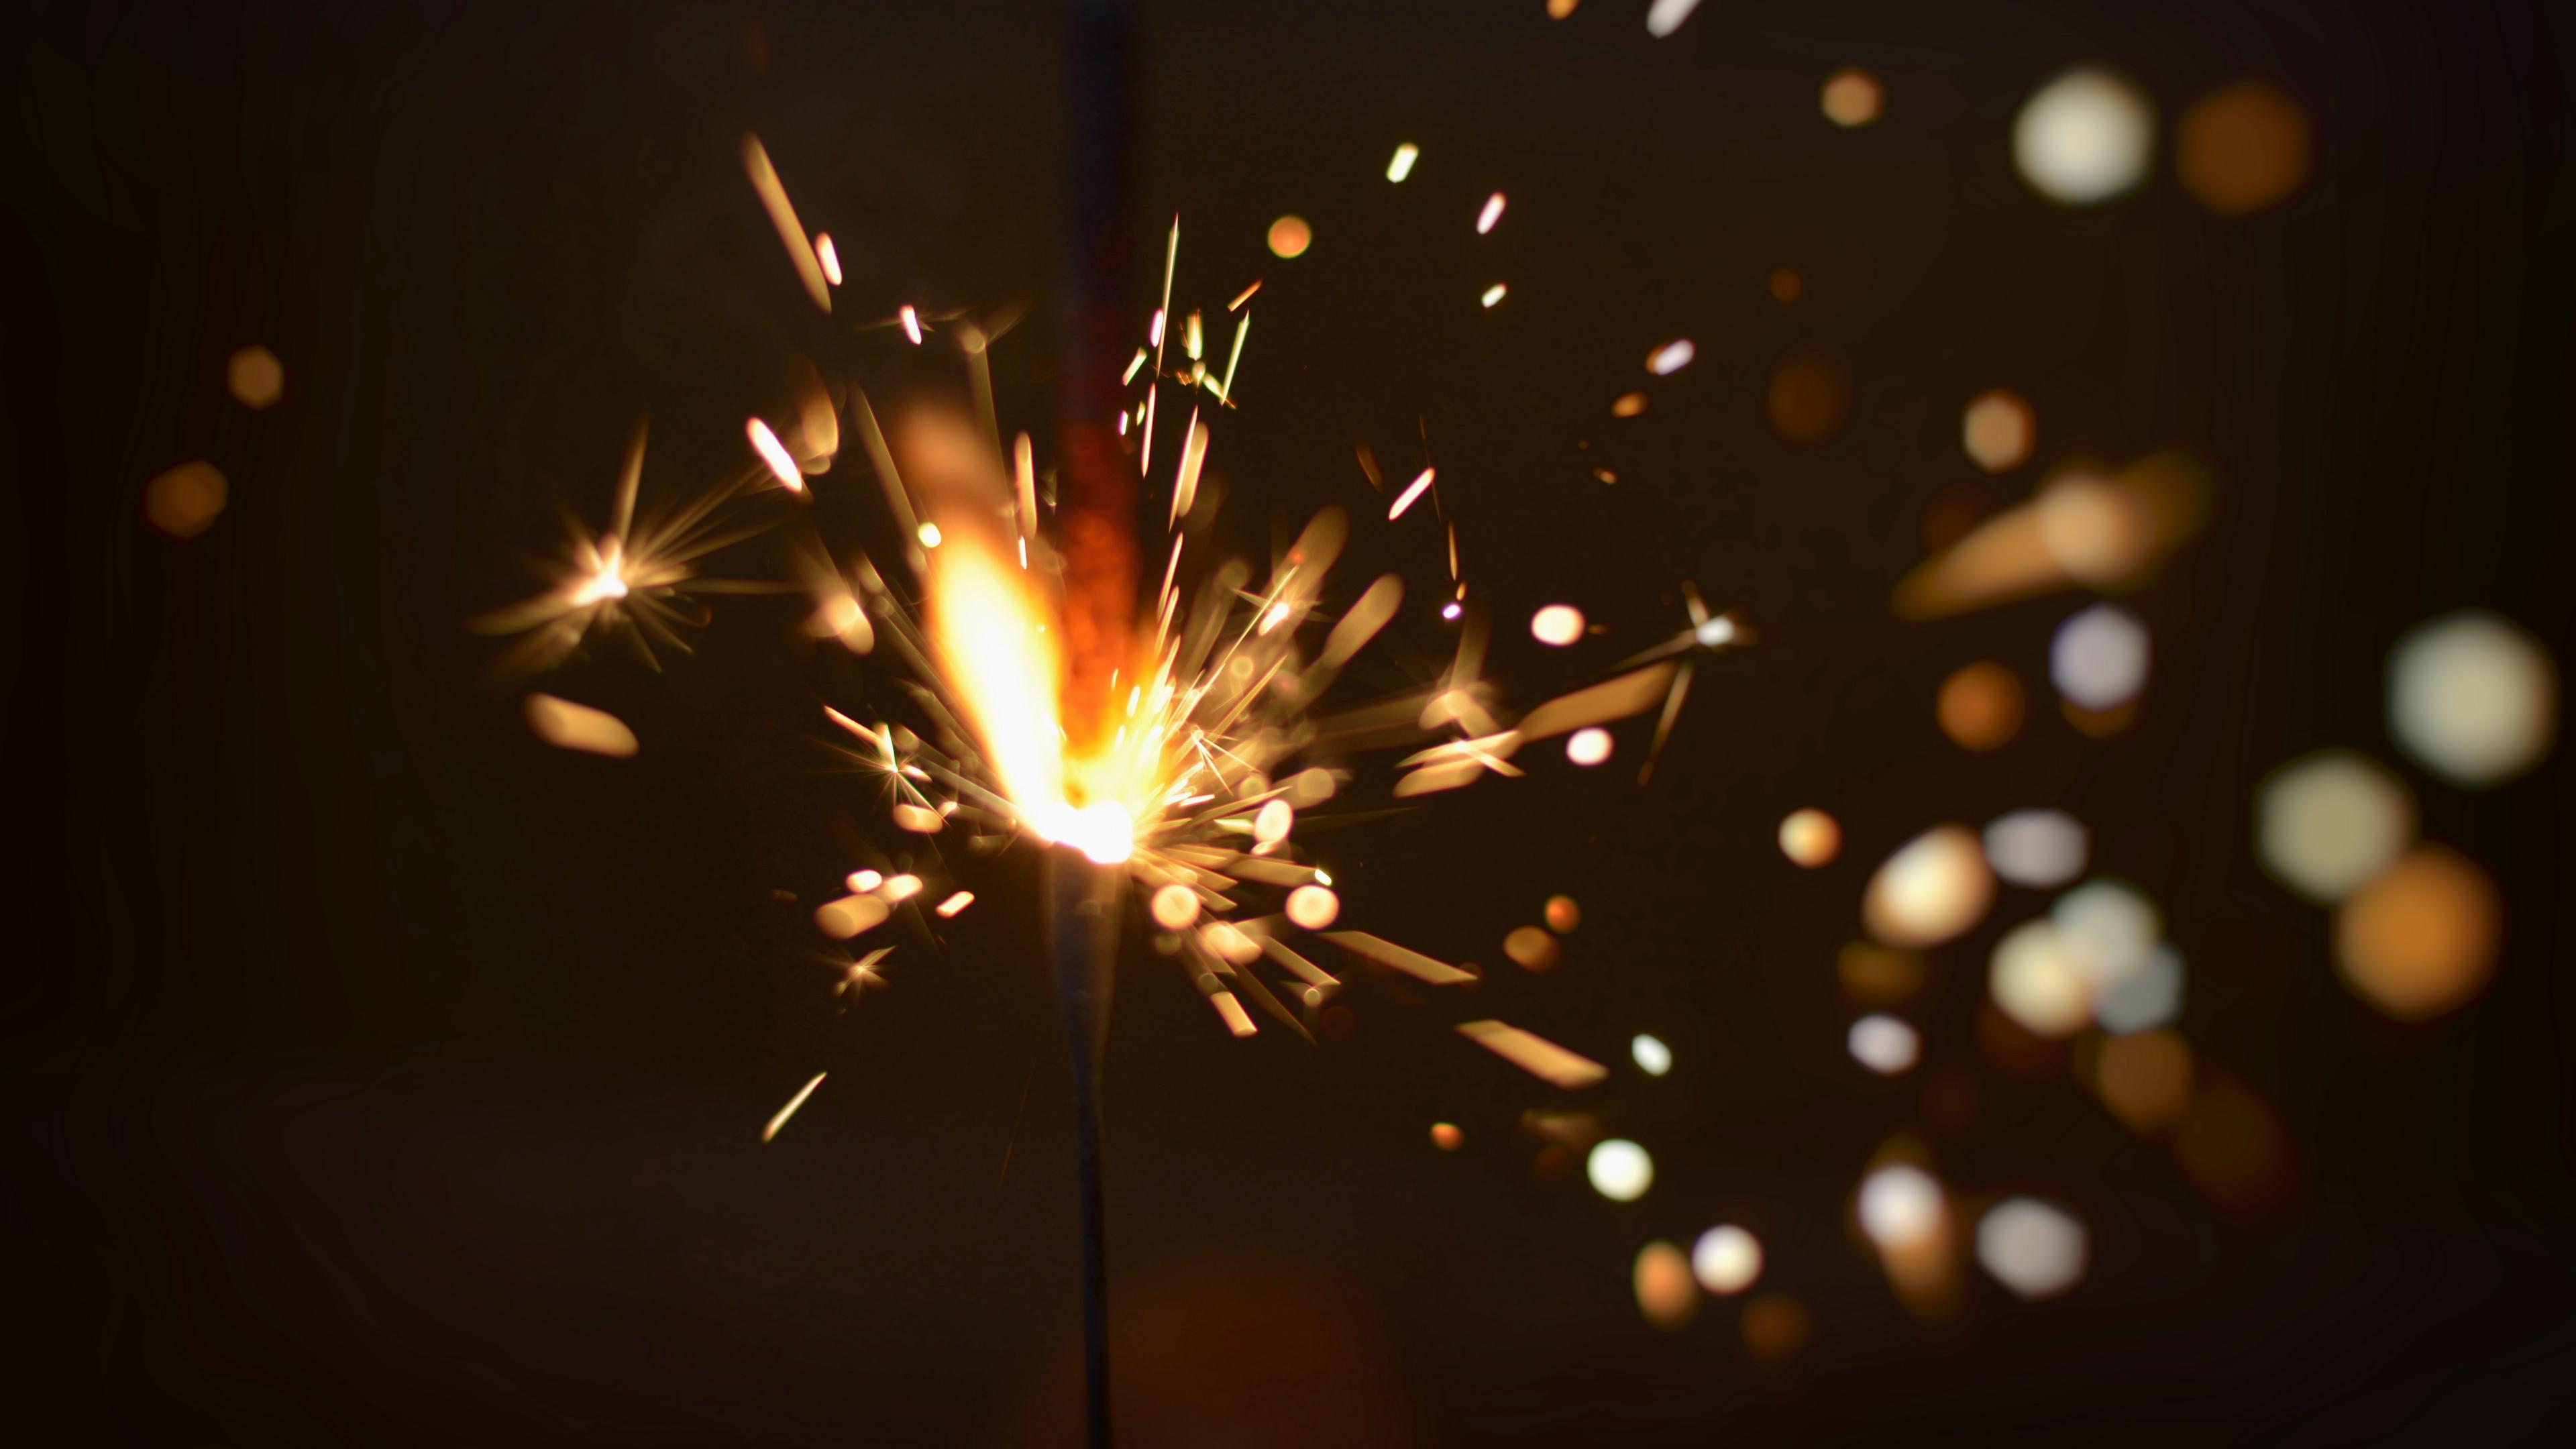 sparkler sparks glare 4k 1538344797 - sparkler, sparks, glare 4k - Sparks, sparkler, glare